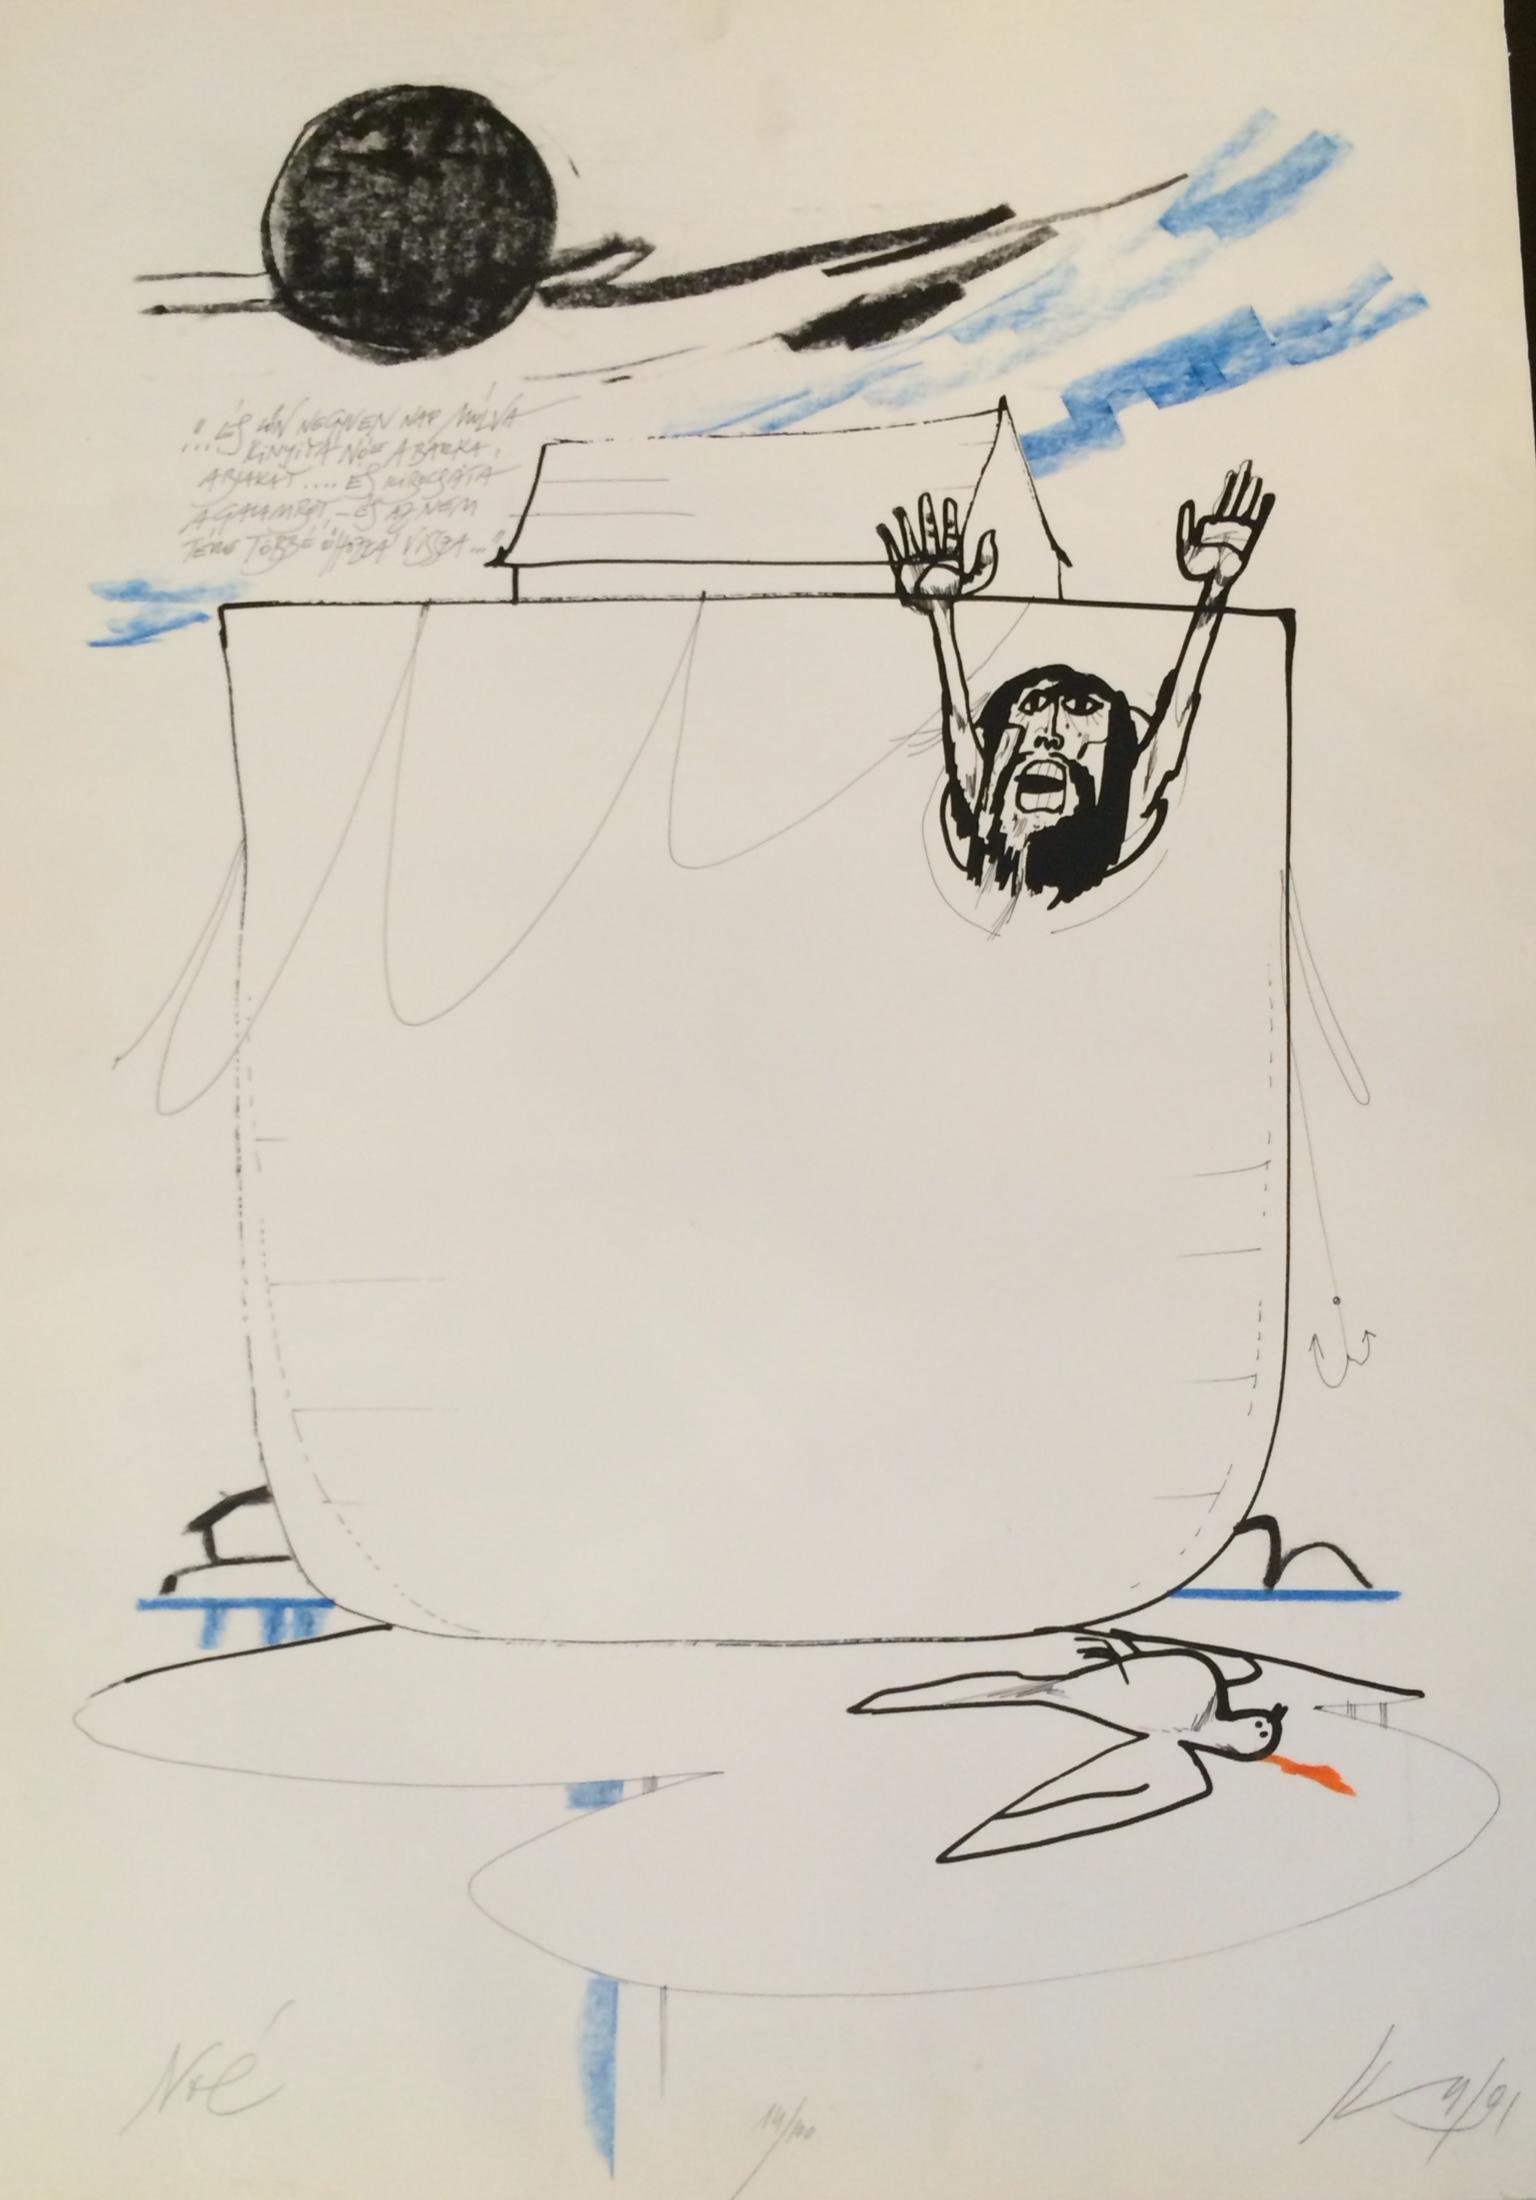 Kass János: Noé bárkája